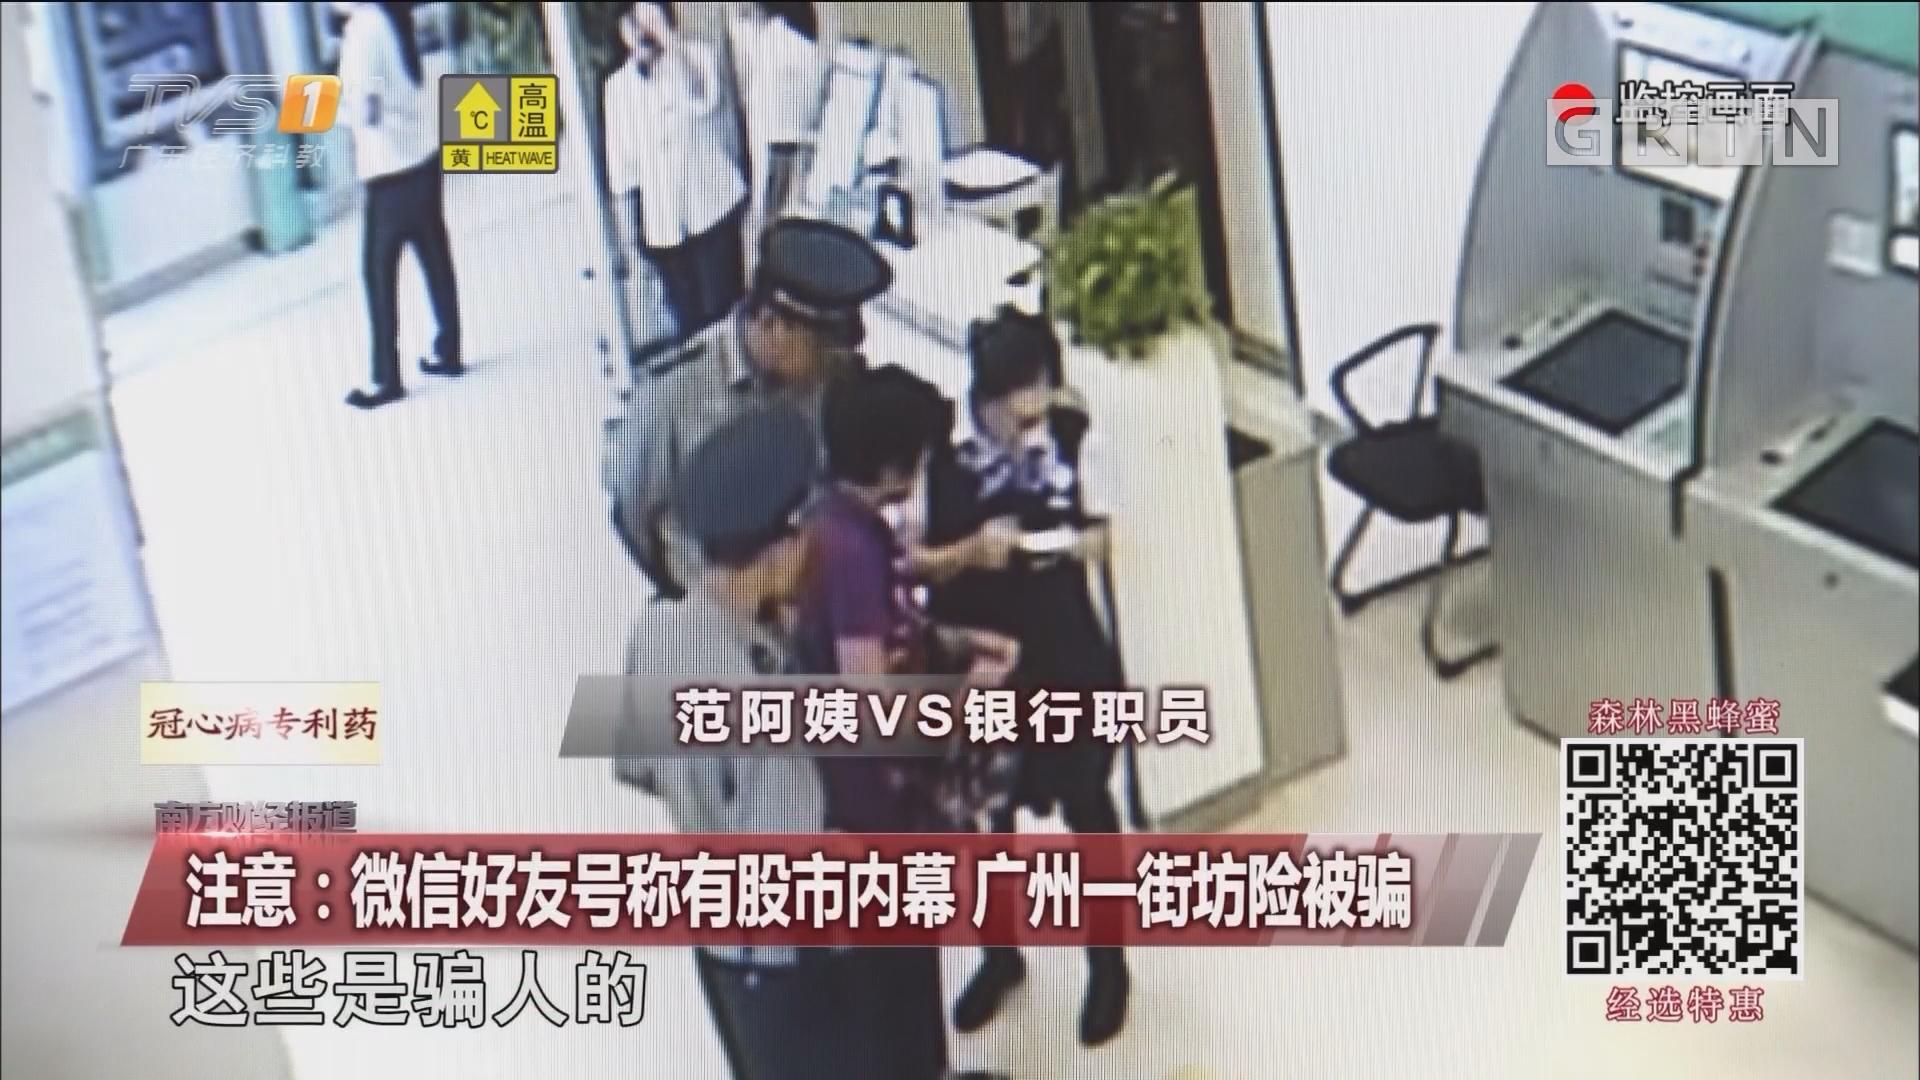 注意:微信好友号称有股市内幕 广州一街坊险被骗